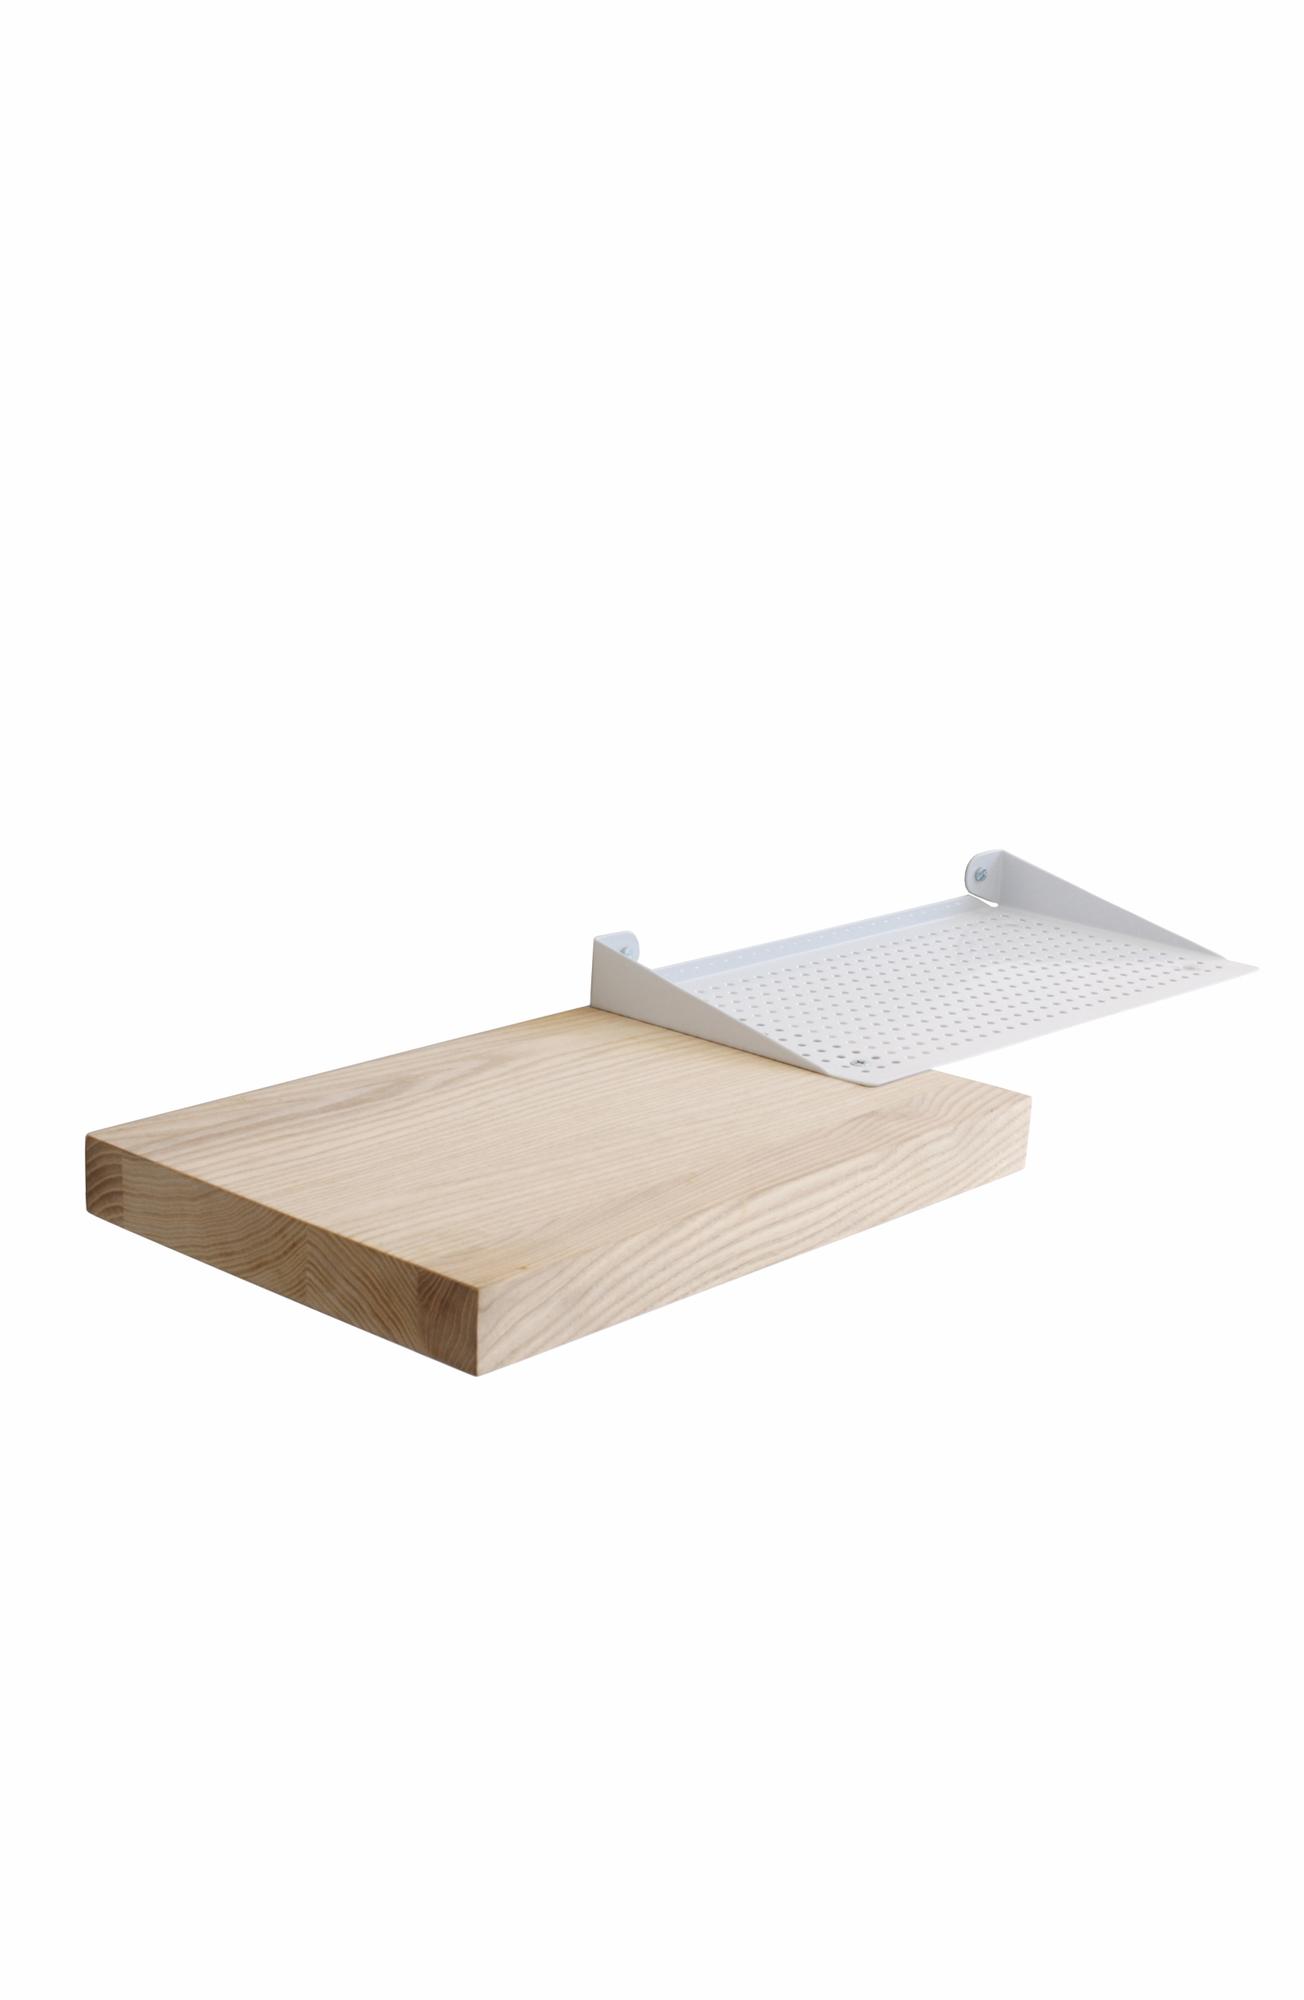 Bücherregal WOUPS Swabdesign-weiss